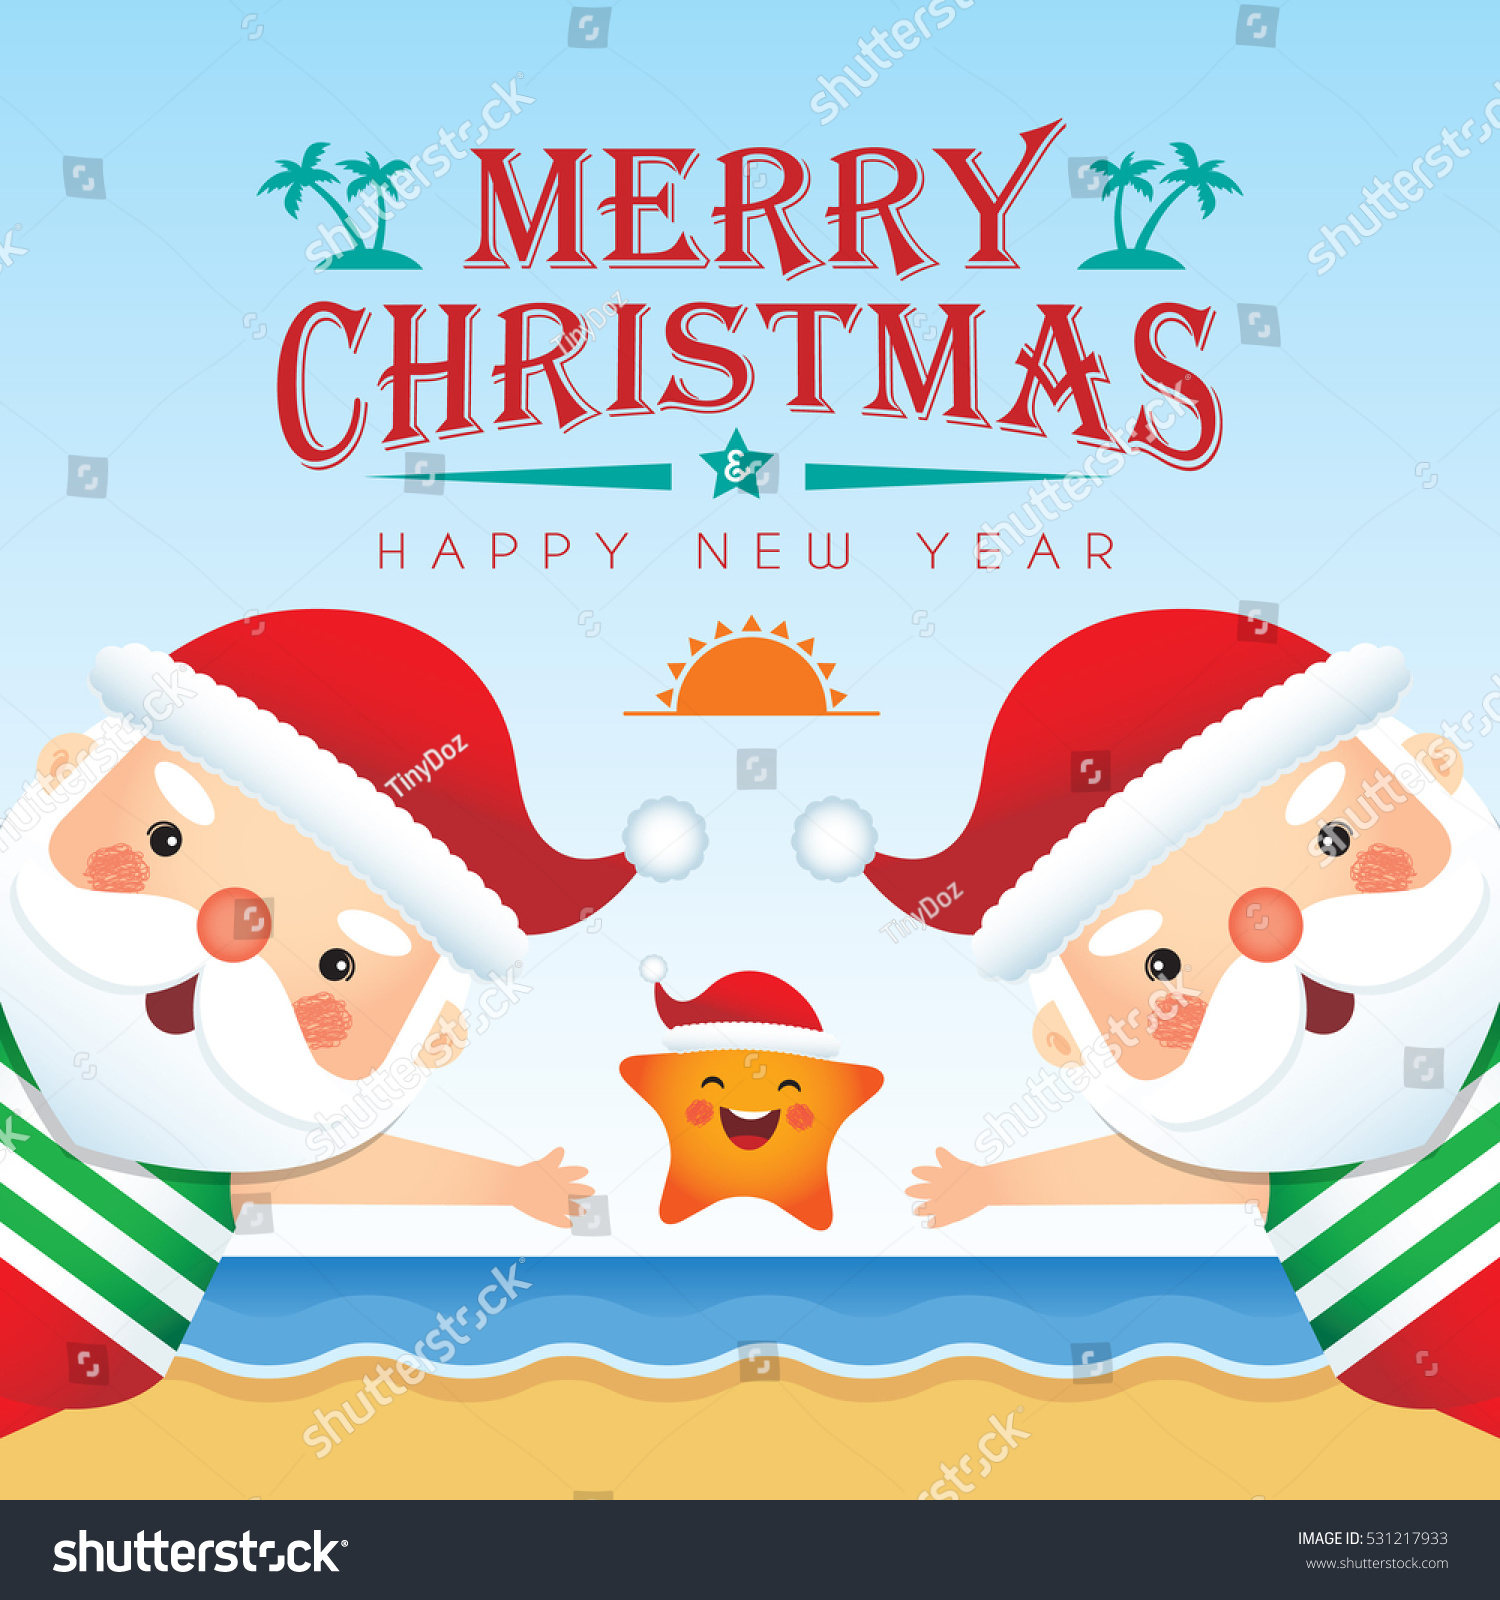 Merry Christmas Greetings Cute Cartoon Santa Stock Vector 2018